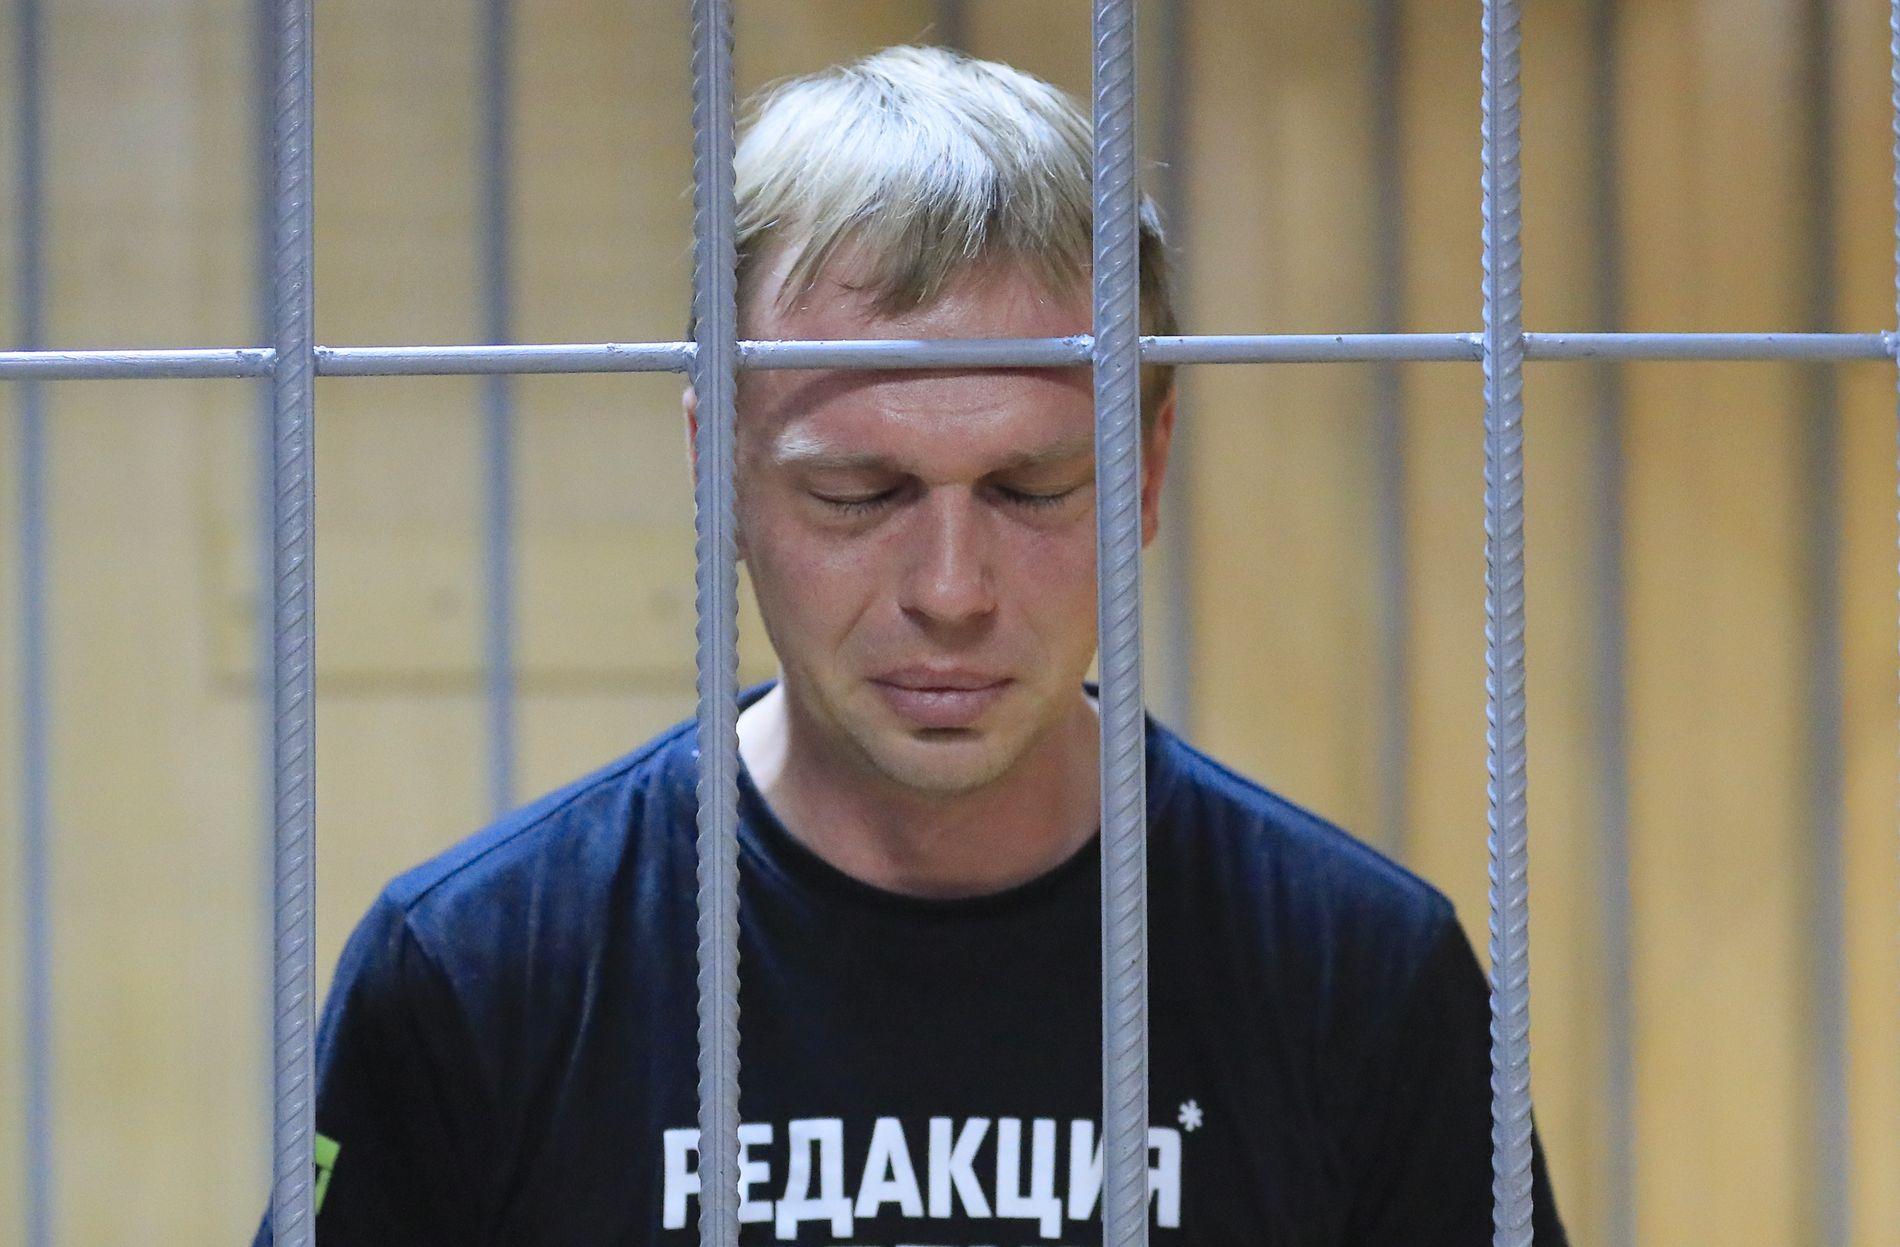 LØSLATT: – En stor takk til dere for støtten, sa den russiske gravejournalisten Ivan Golunov da han ble løslatt tirsdag denne uken.